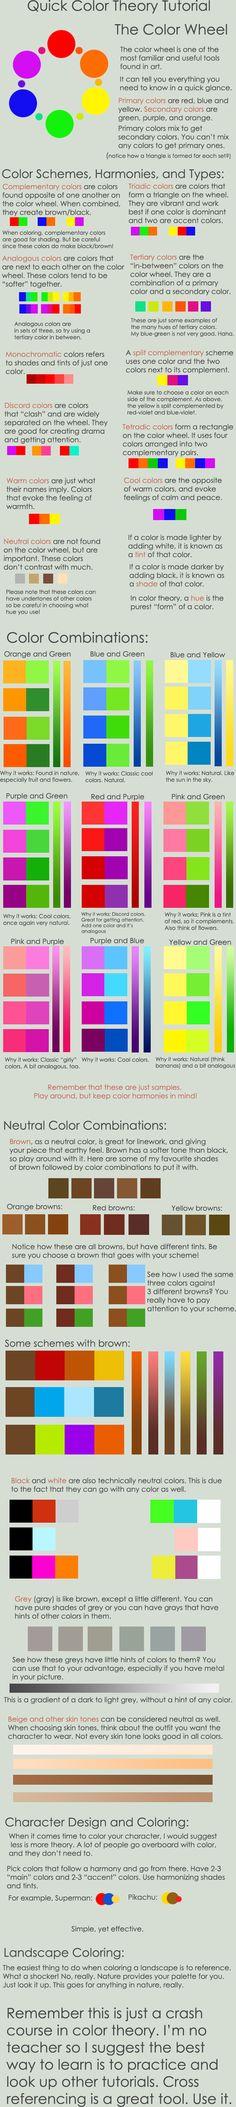 Referencia para colores y tal